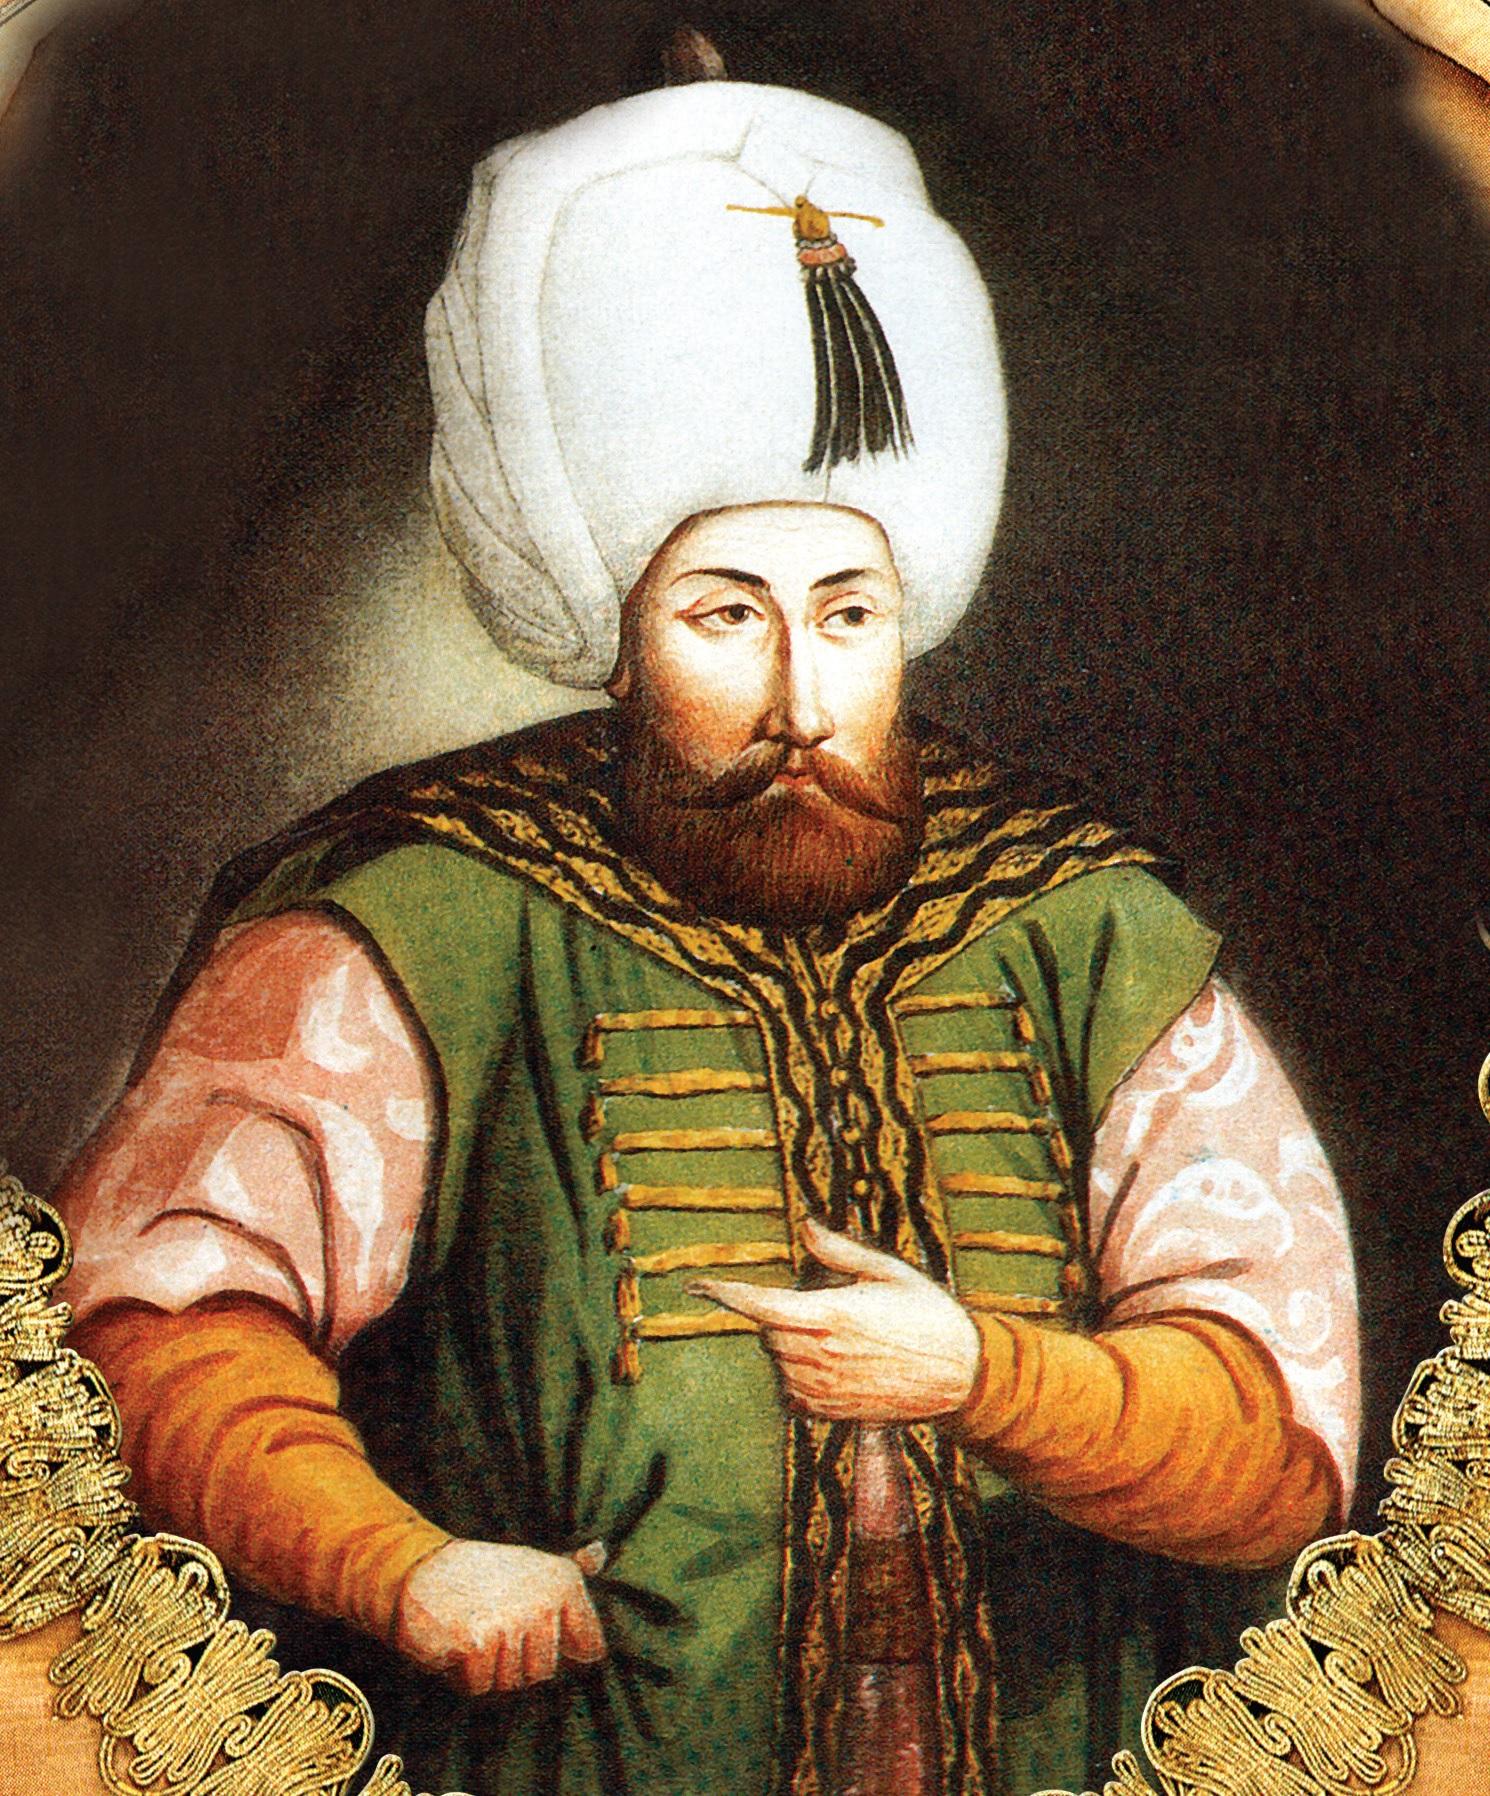 Султан Селим I - Грозный отец Сулеймана Великолепного. Реальная биография. Великолепный век 3